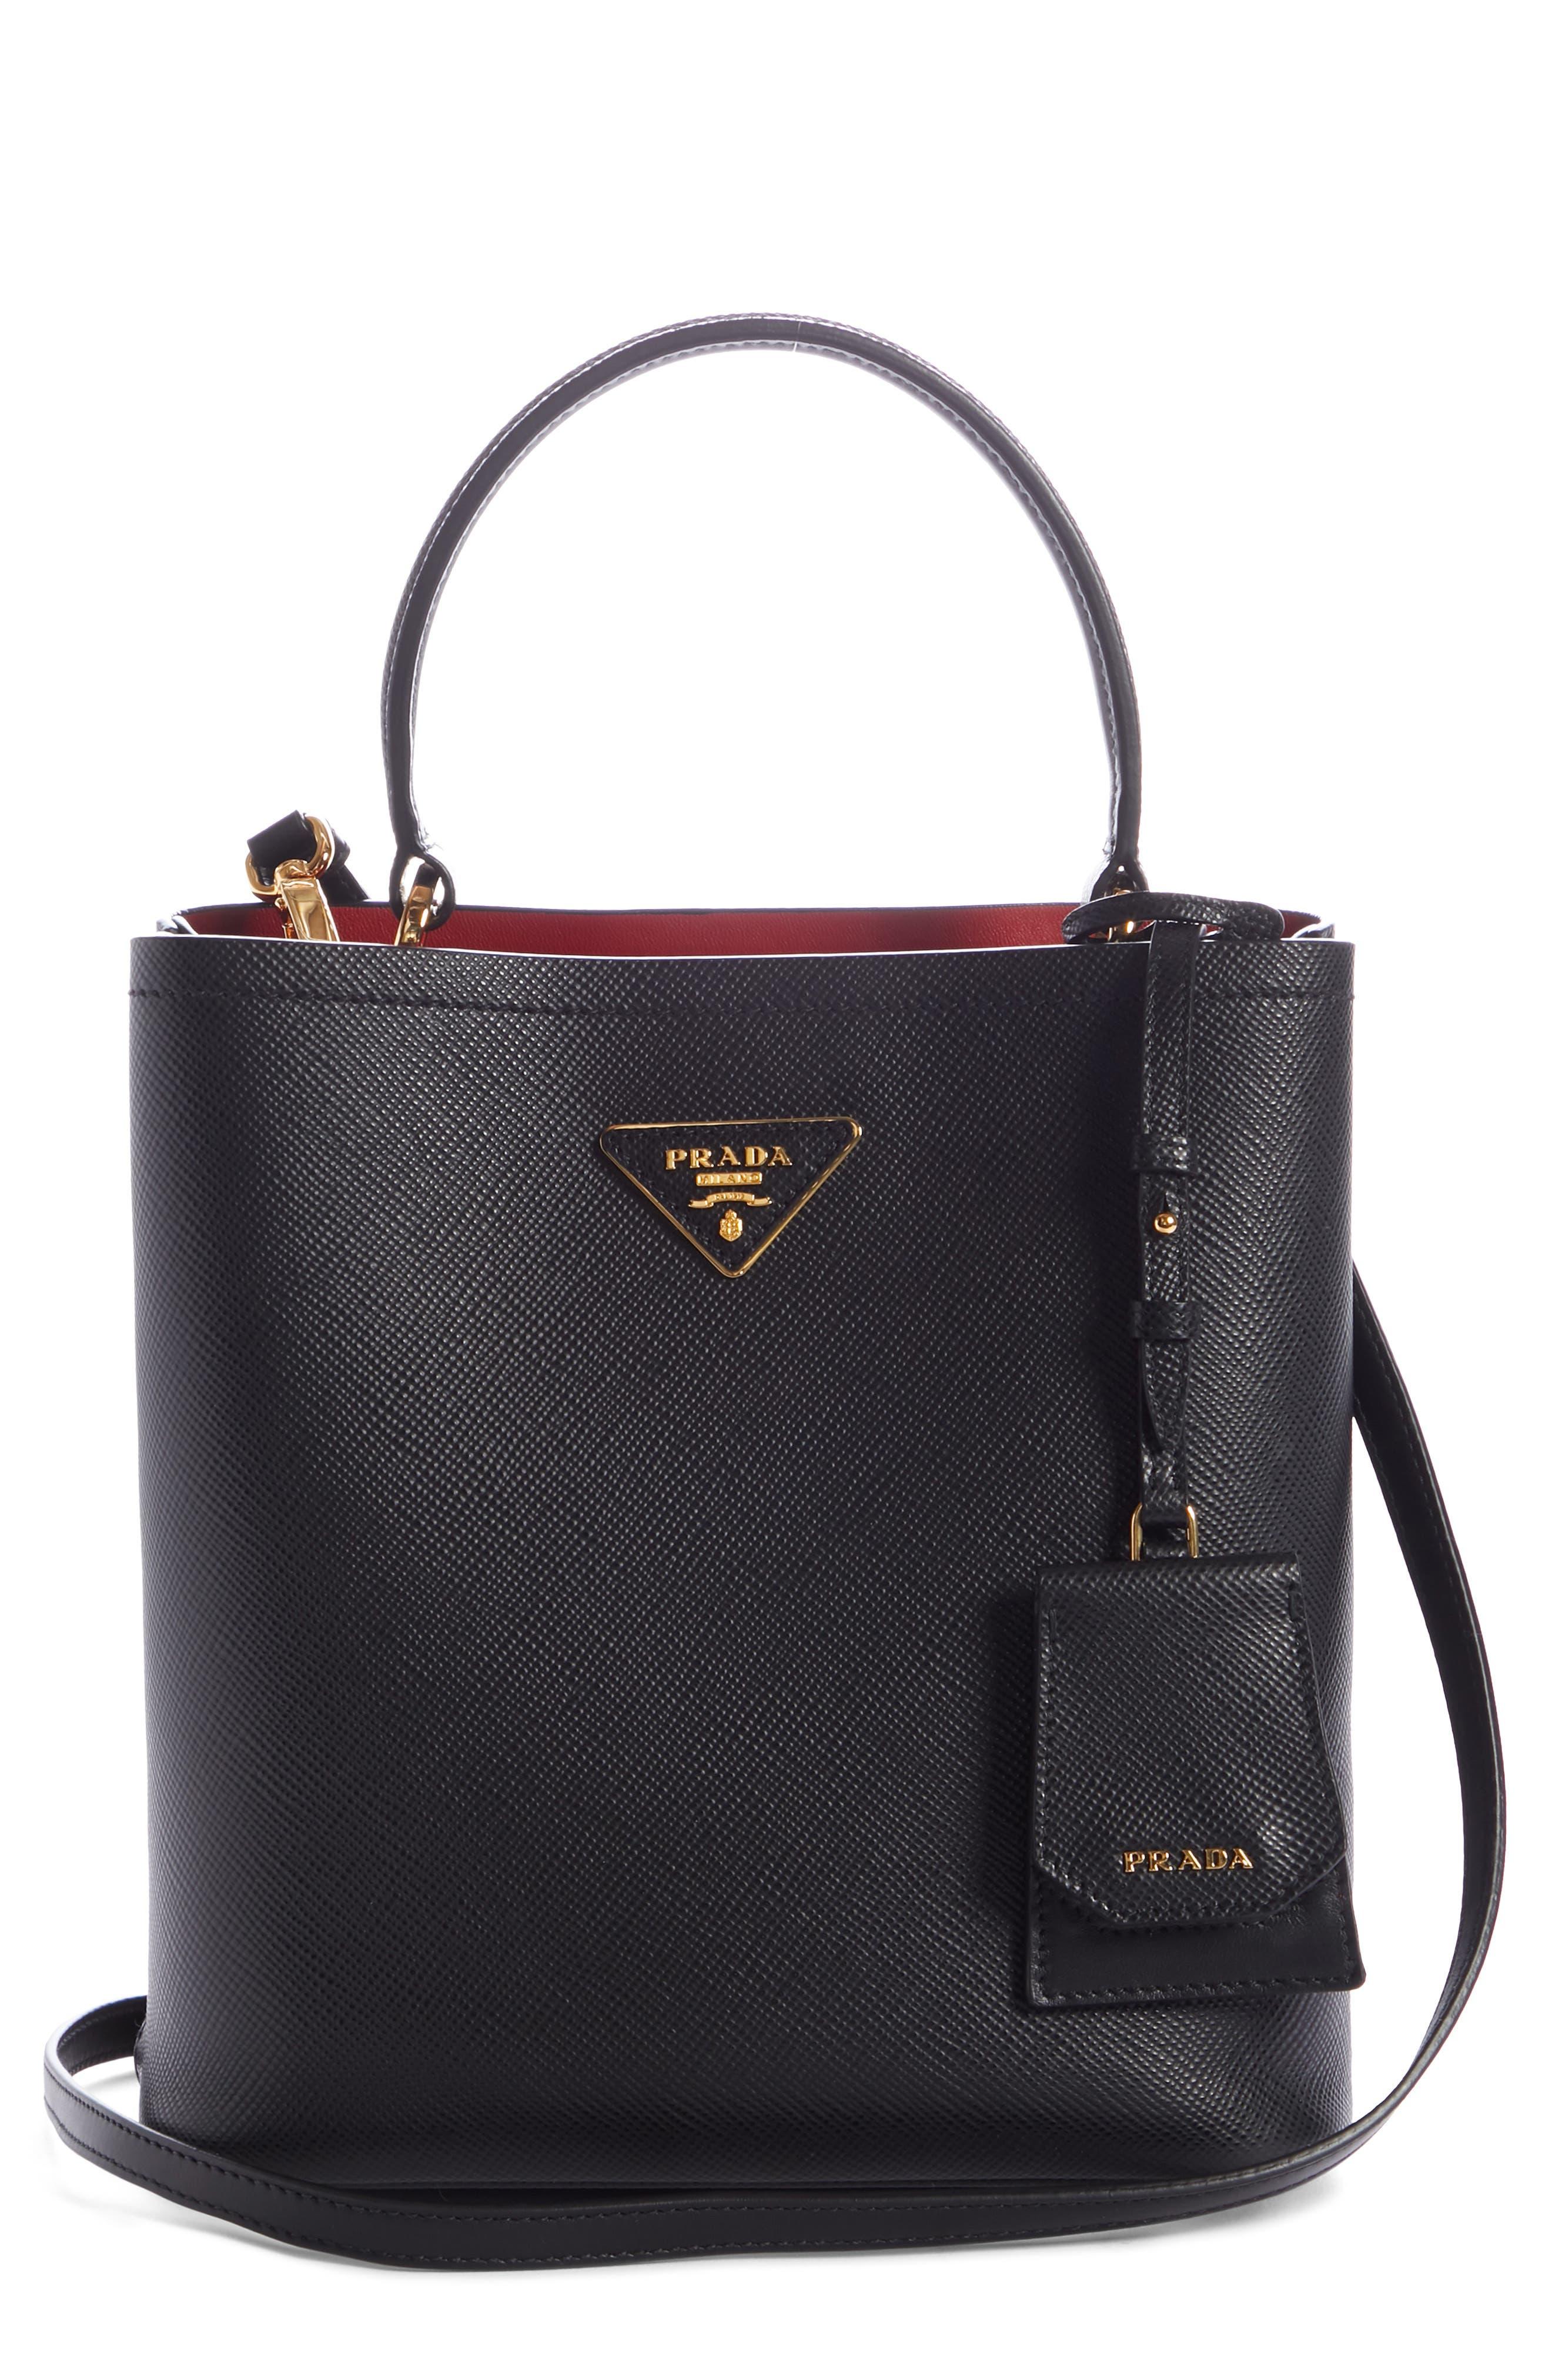 Small Saffiano Leather Bucket Bag,                             Main thumbnail 1, color,                             NERO/ FUOCO